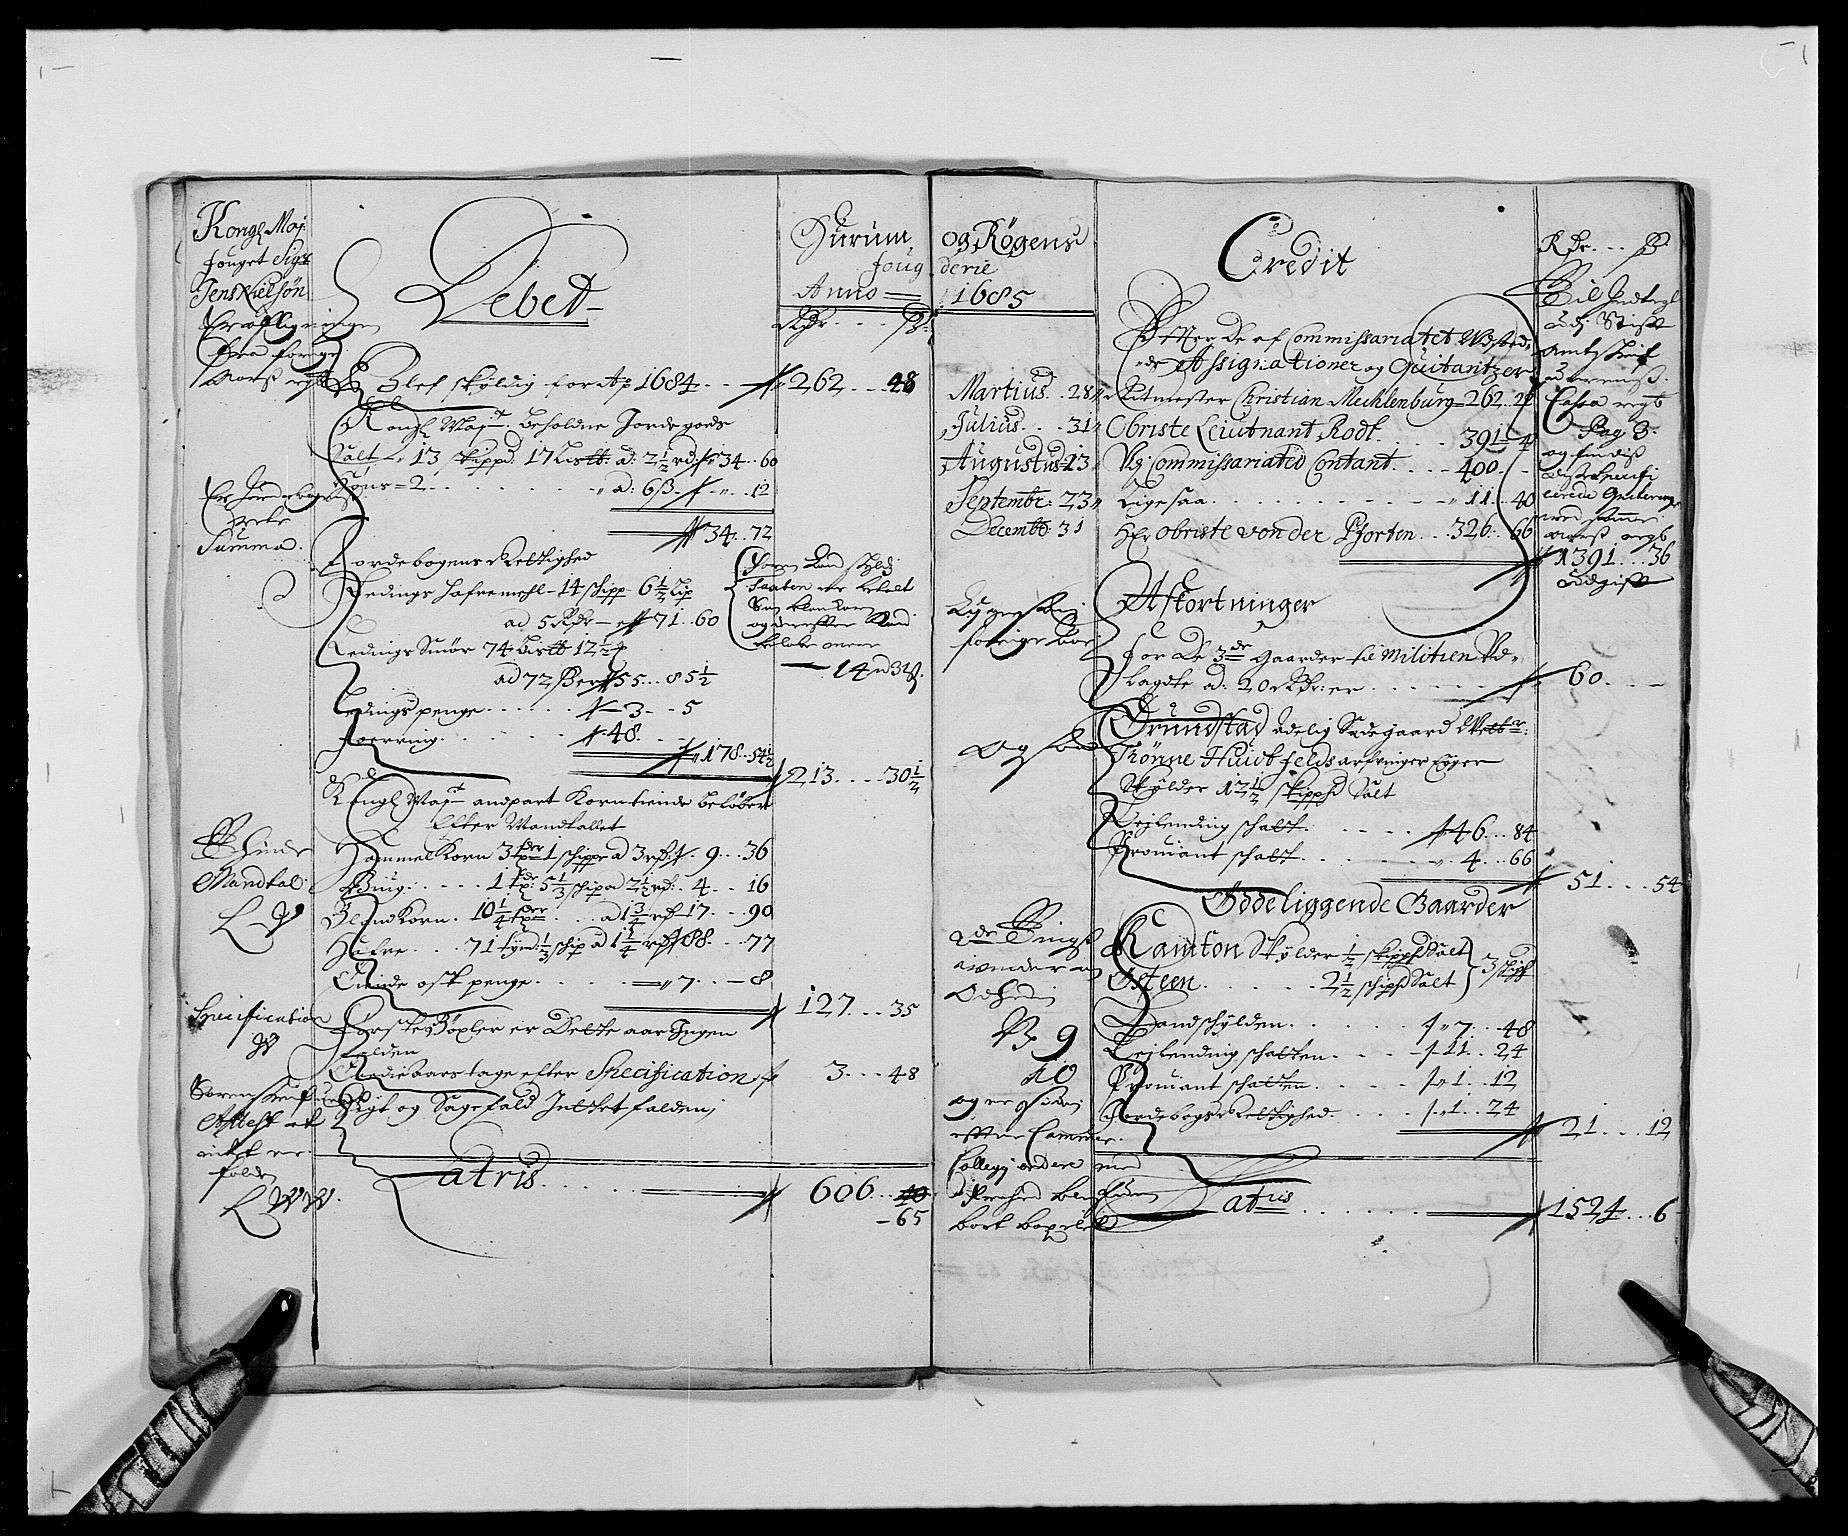 RA, Rentekammeret inntil 1814, Reviderte regnskaper, Fogderegnskap, R29/L1692: Fogderegnskap Hurum og Røyken, 1682-1687, s. 11